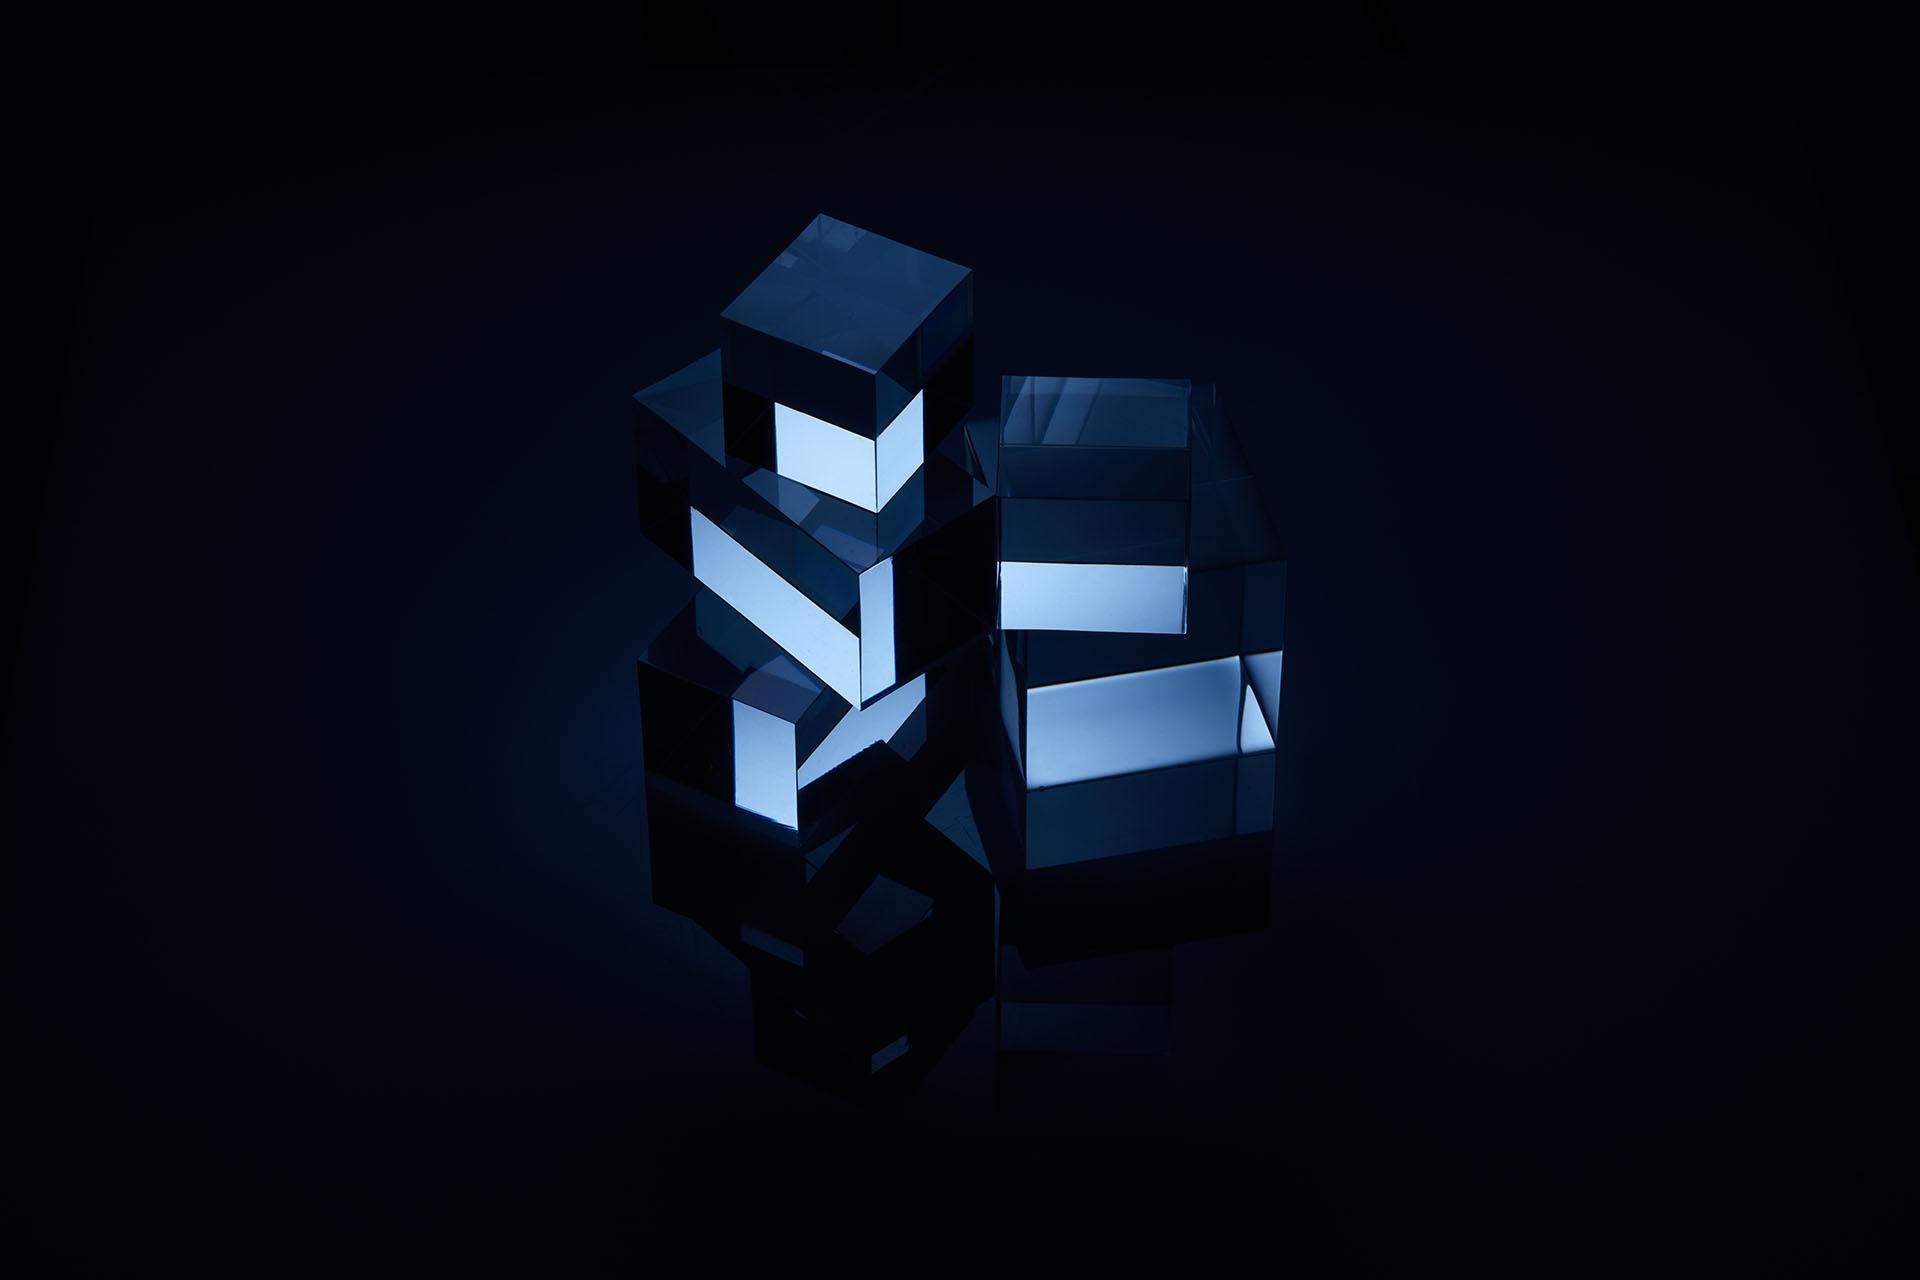 Blue Cubes 3